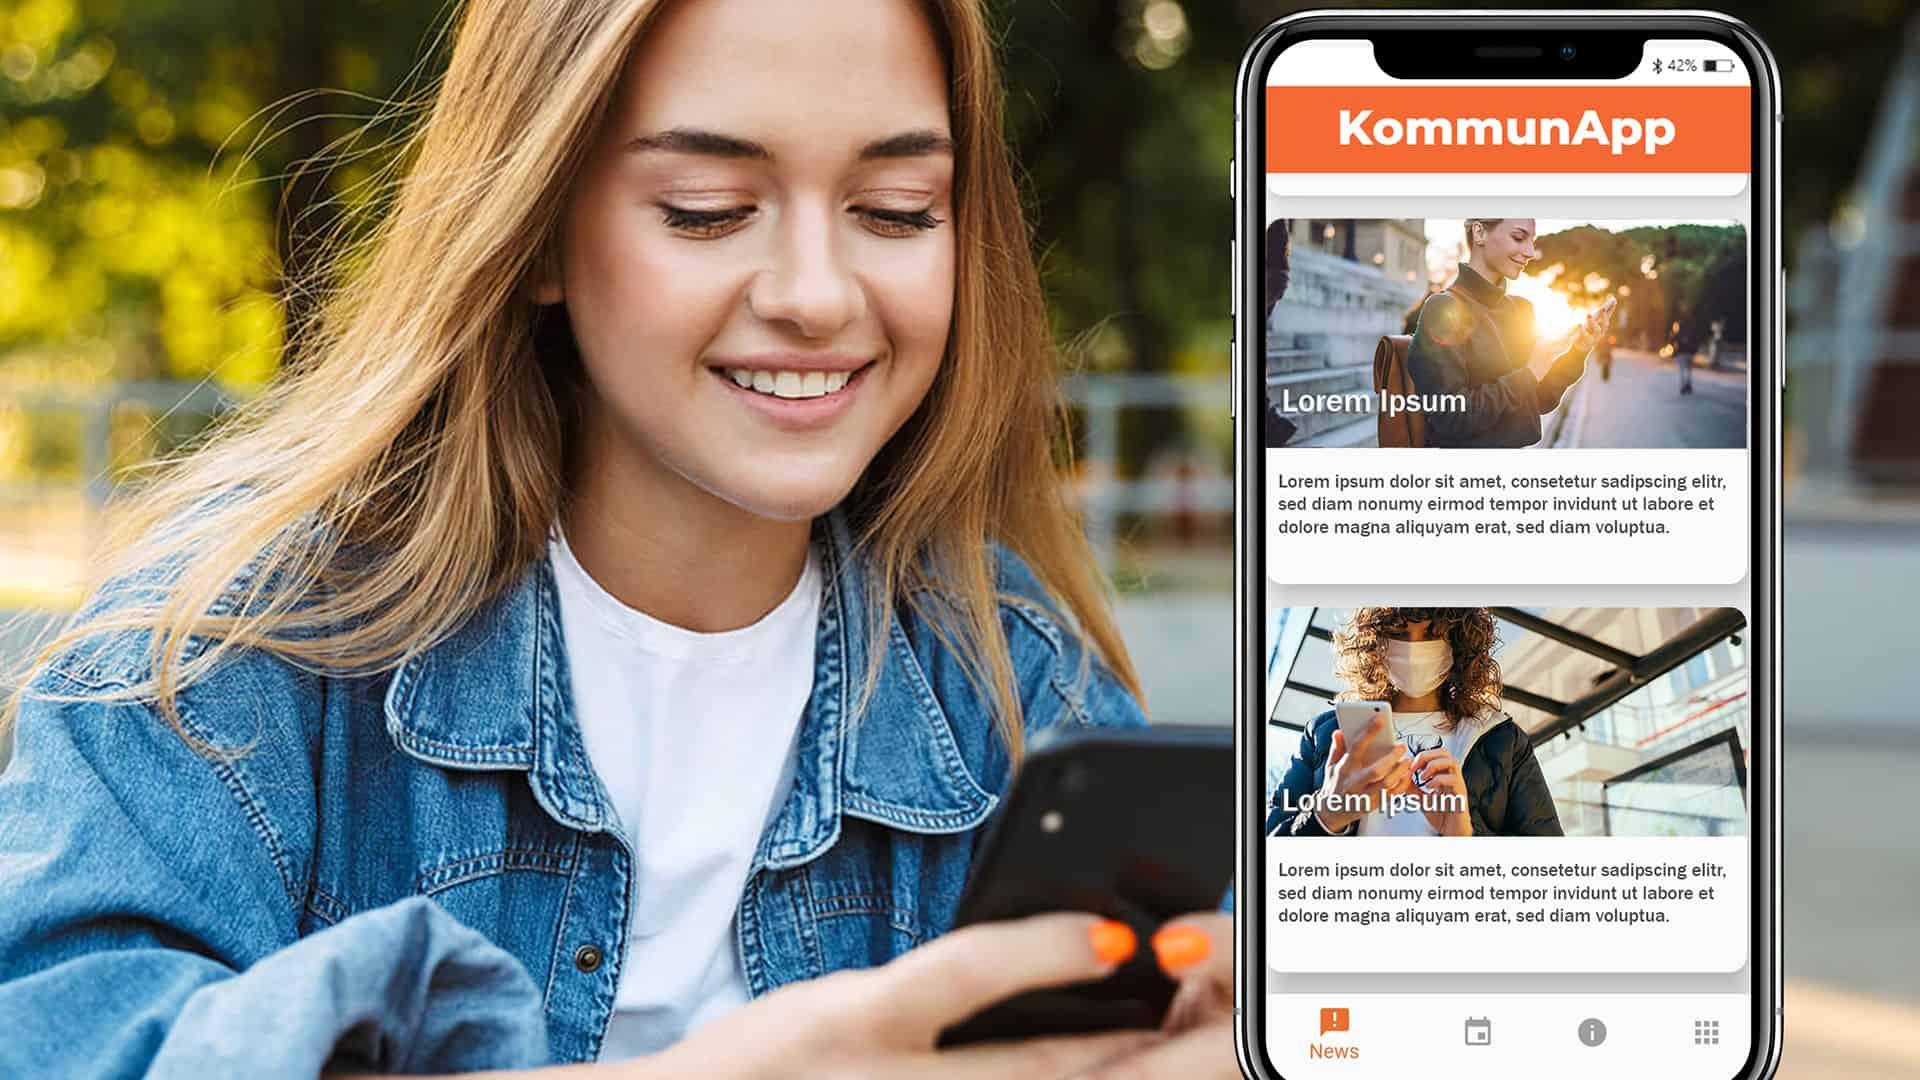 Mädchen sieht sich Stadt-App an